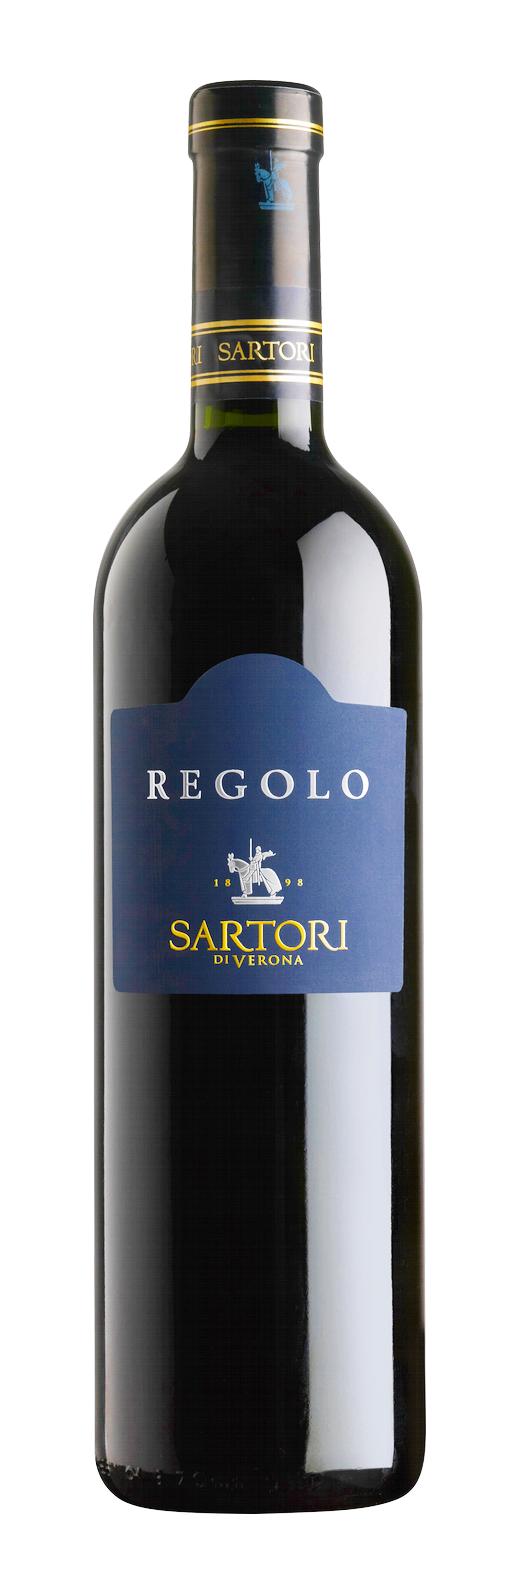 Sartori, Veneto 2018 Regolo Rosso Veronese IGT Sartori